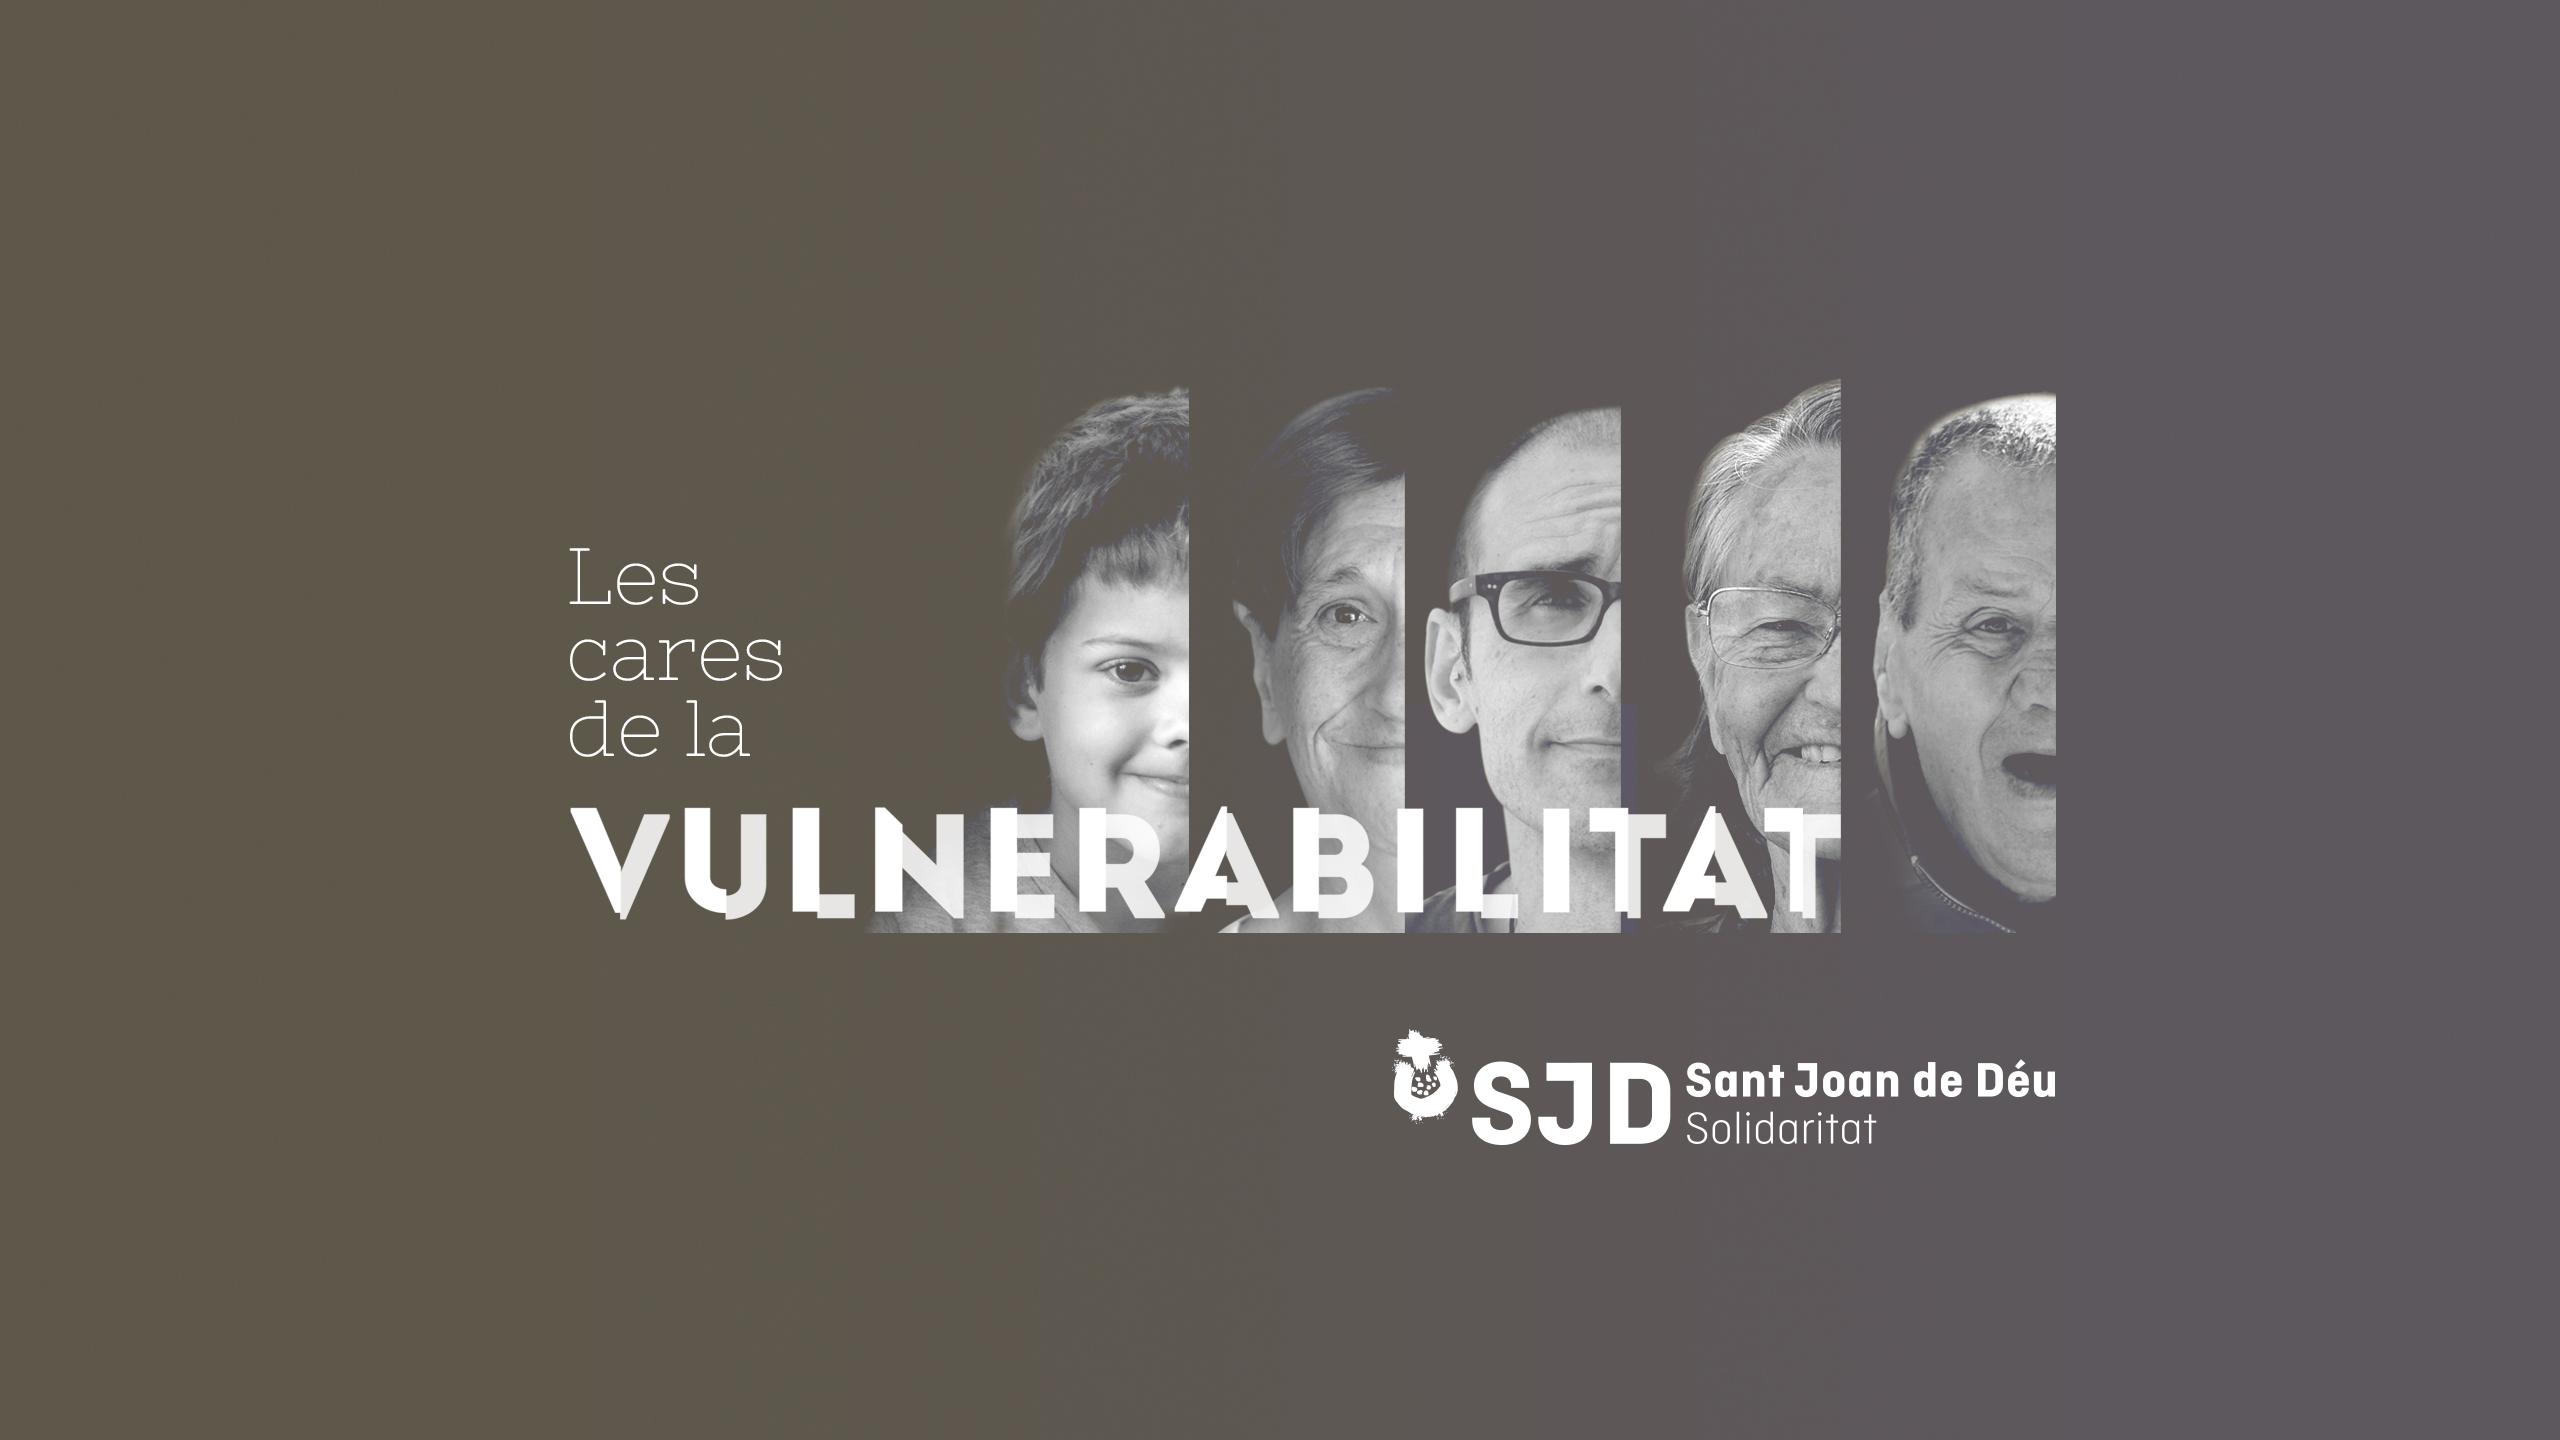 Les cares de la vulnerabilitat